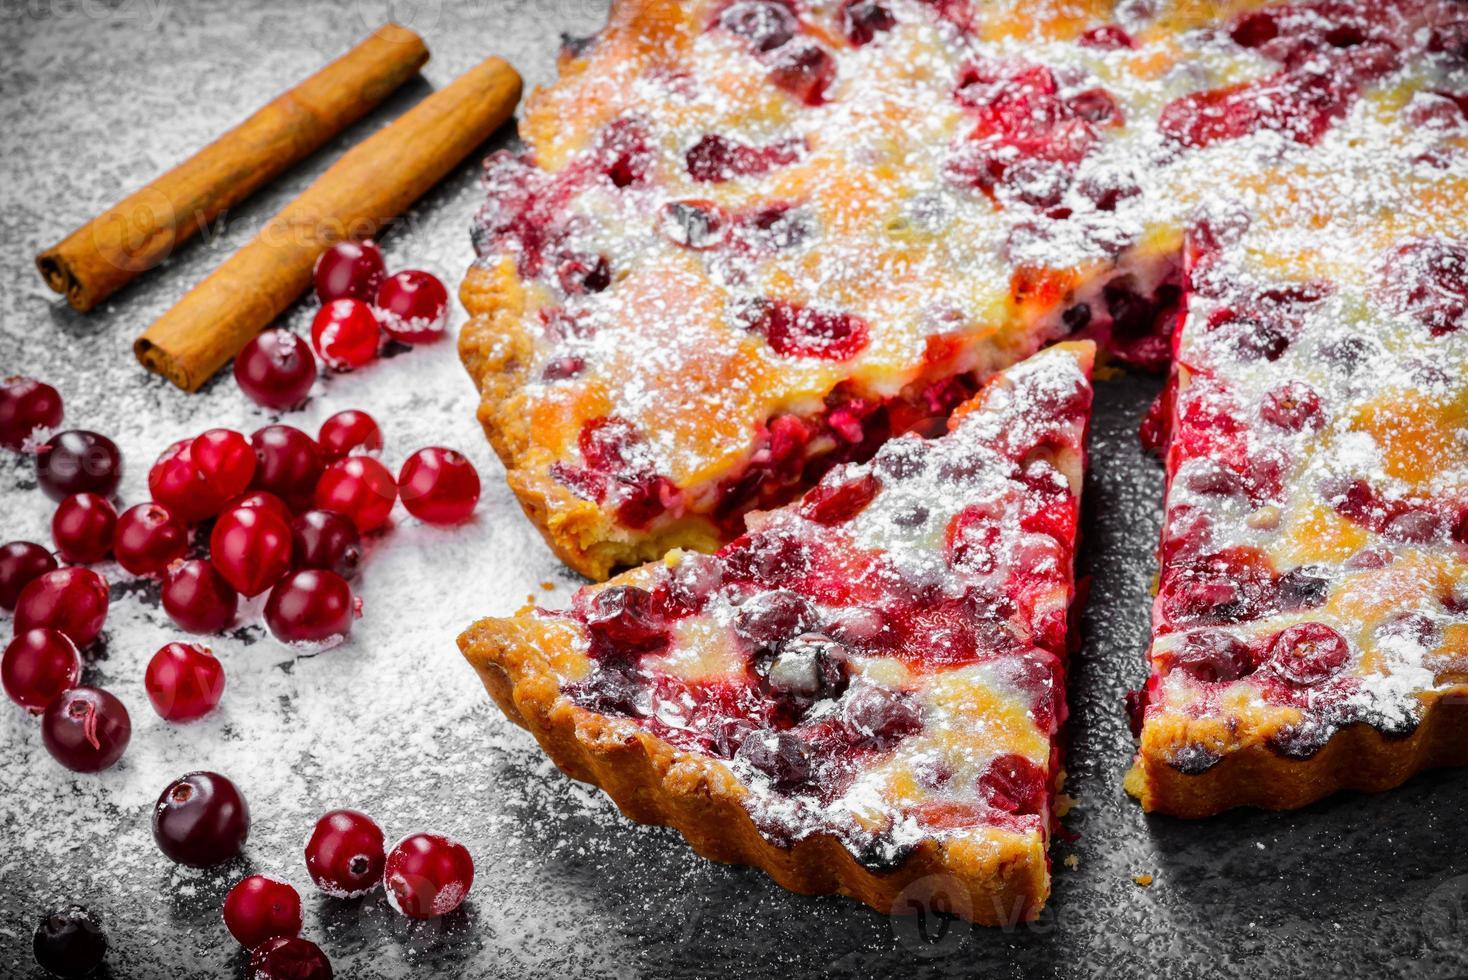 torta del mirtillo rosso del primo piano su fondo grigio foto